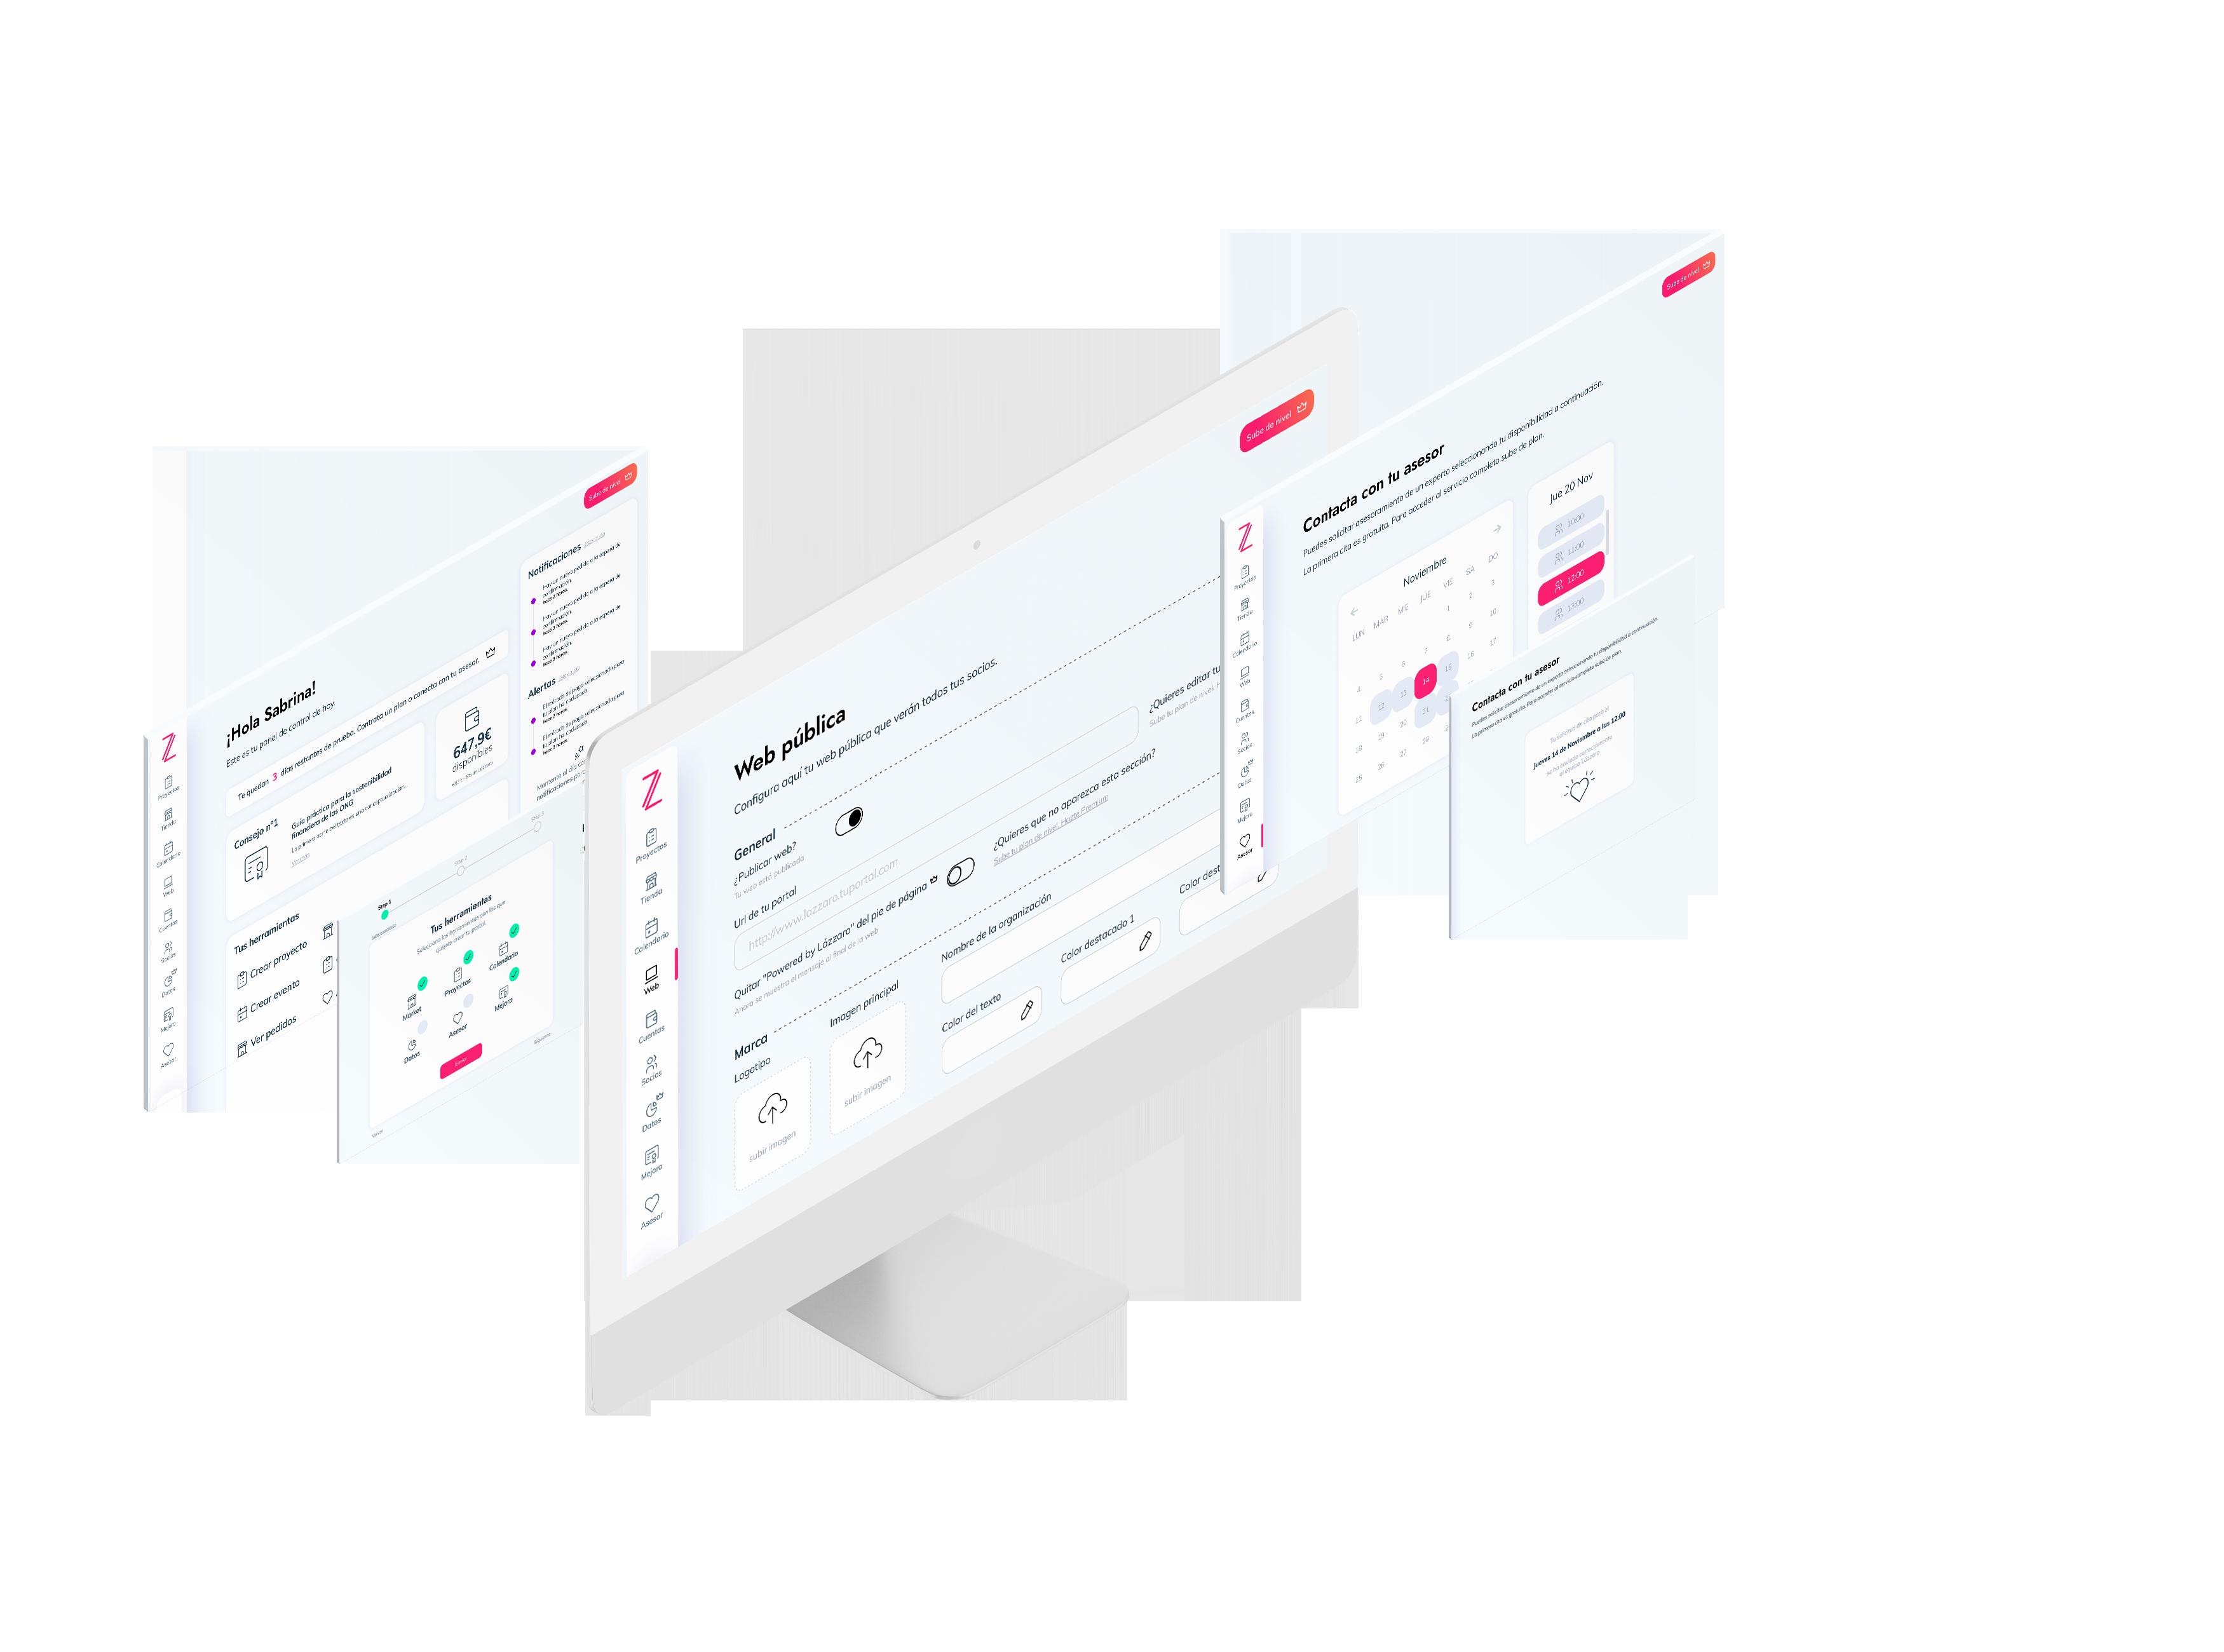 La plataforma web todo en uno para gestionar los ingresos digitales de tu organización